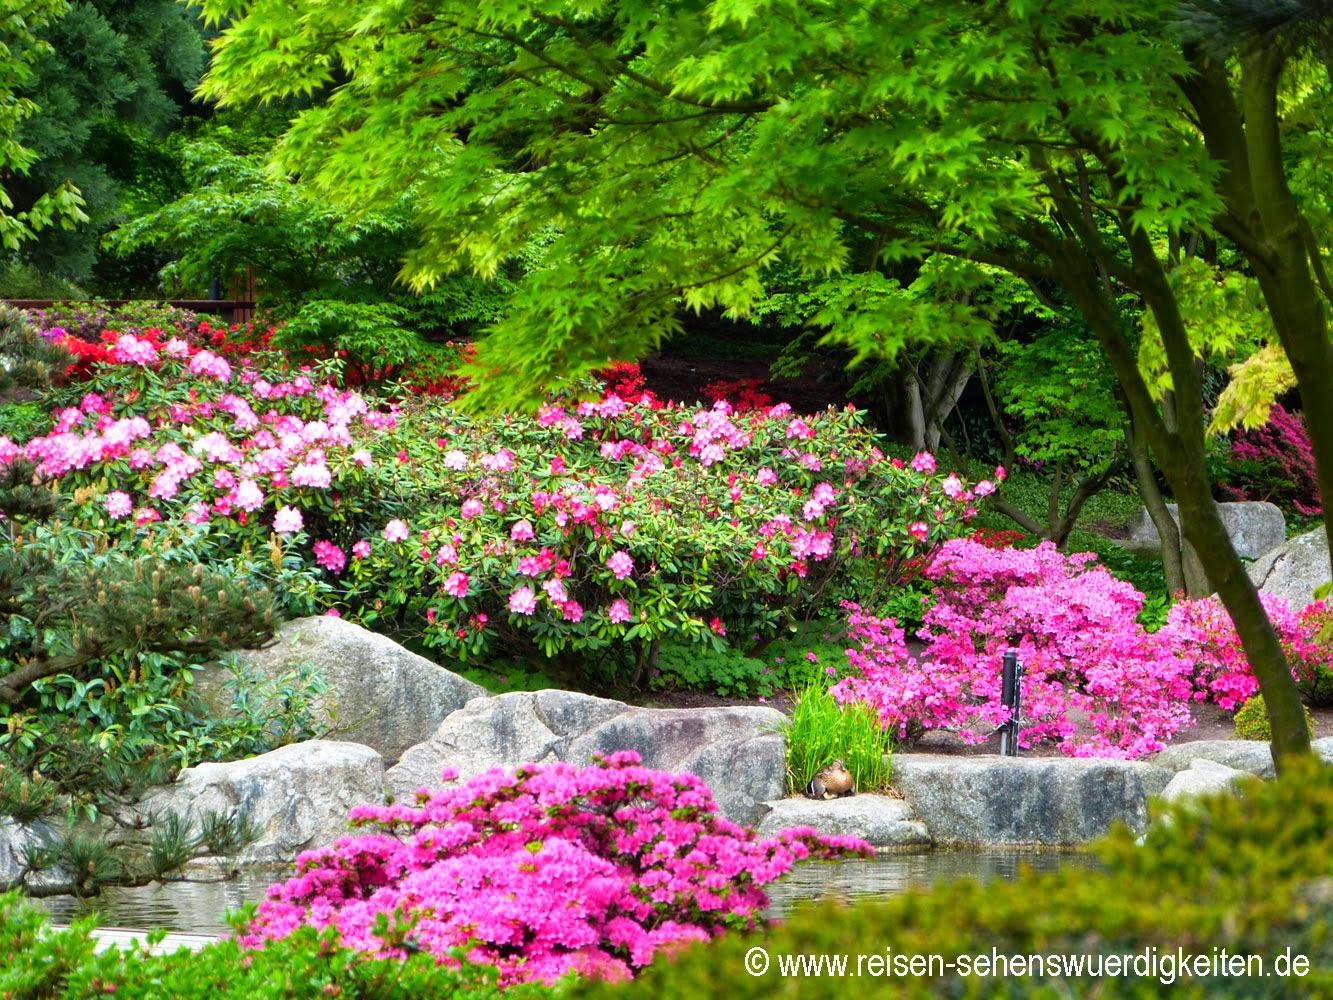 Bunter Japanischer Garten in Planten un Blomen, dem schönsten Park in Hamburg